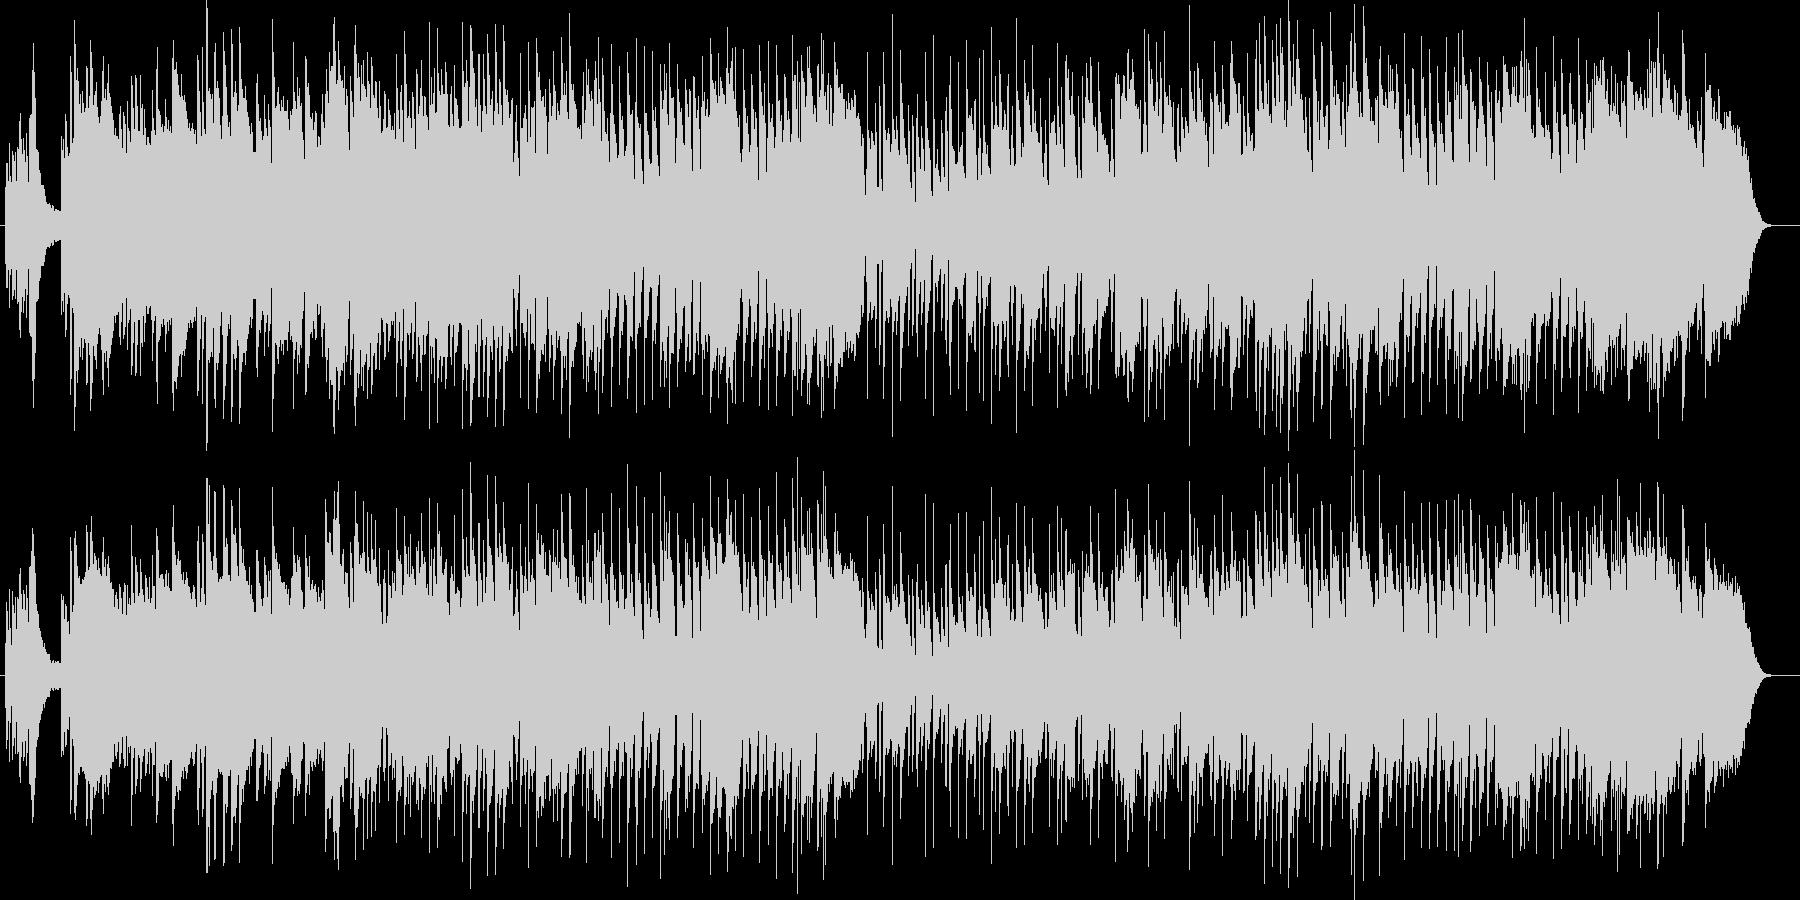 しみじみと感じる感動的なピアノのバラードの未再生の波形